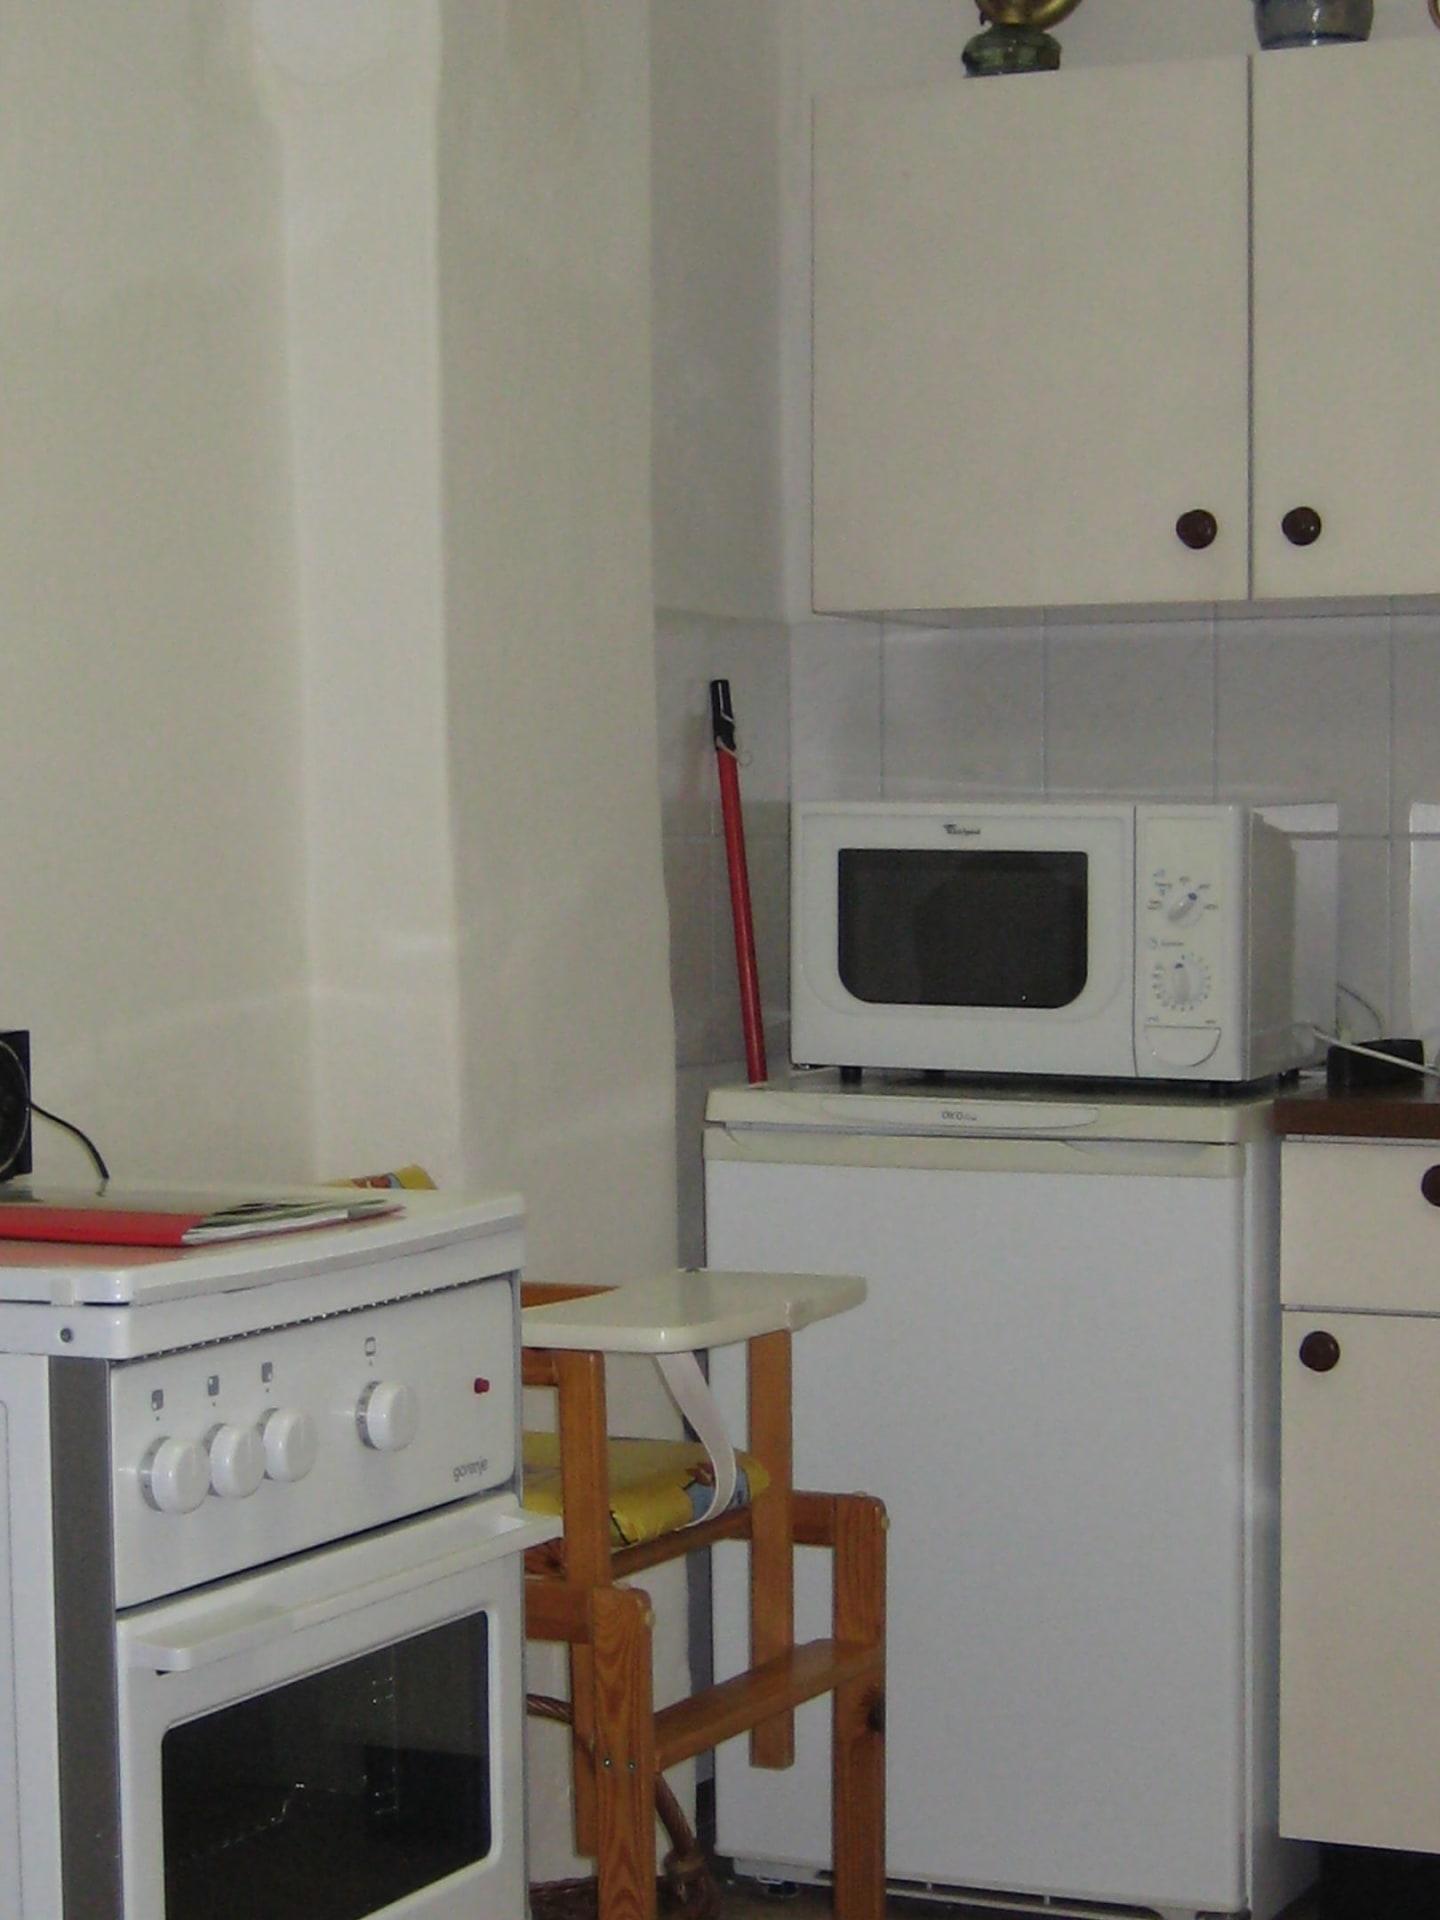 bauernhof puhwein in mailberg. Black Bedroom Furniture Sets. Home Design Ideas